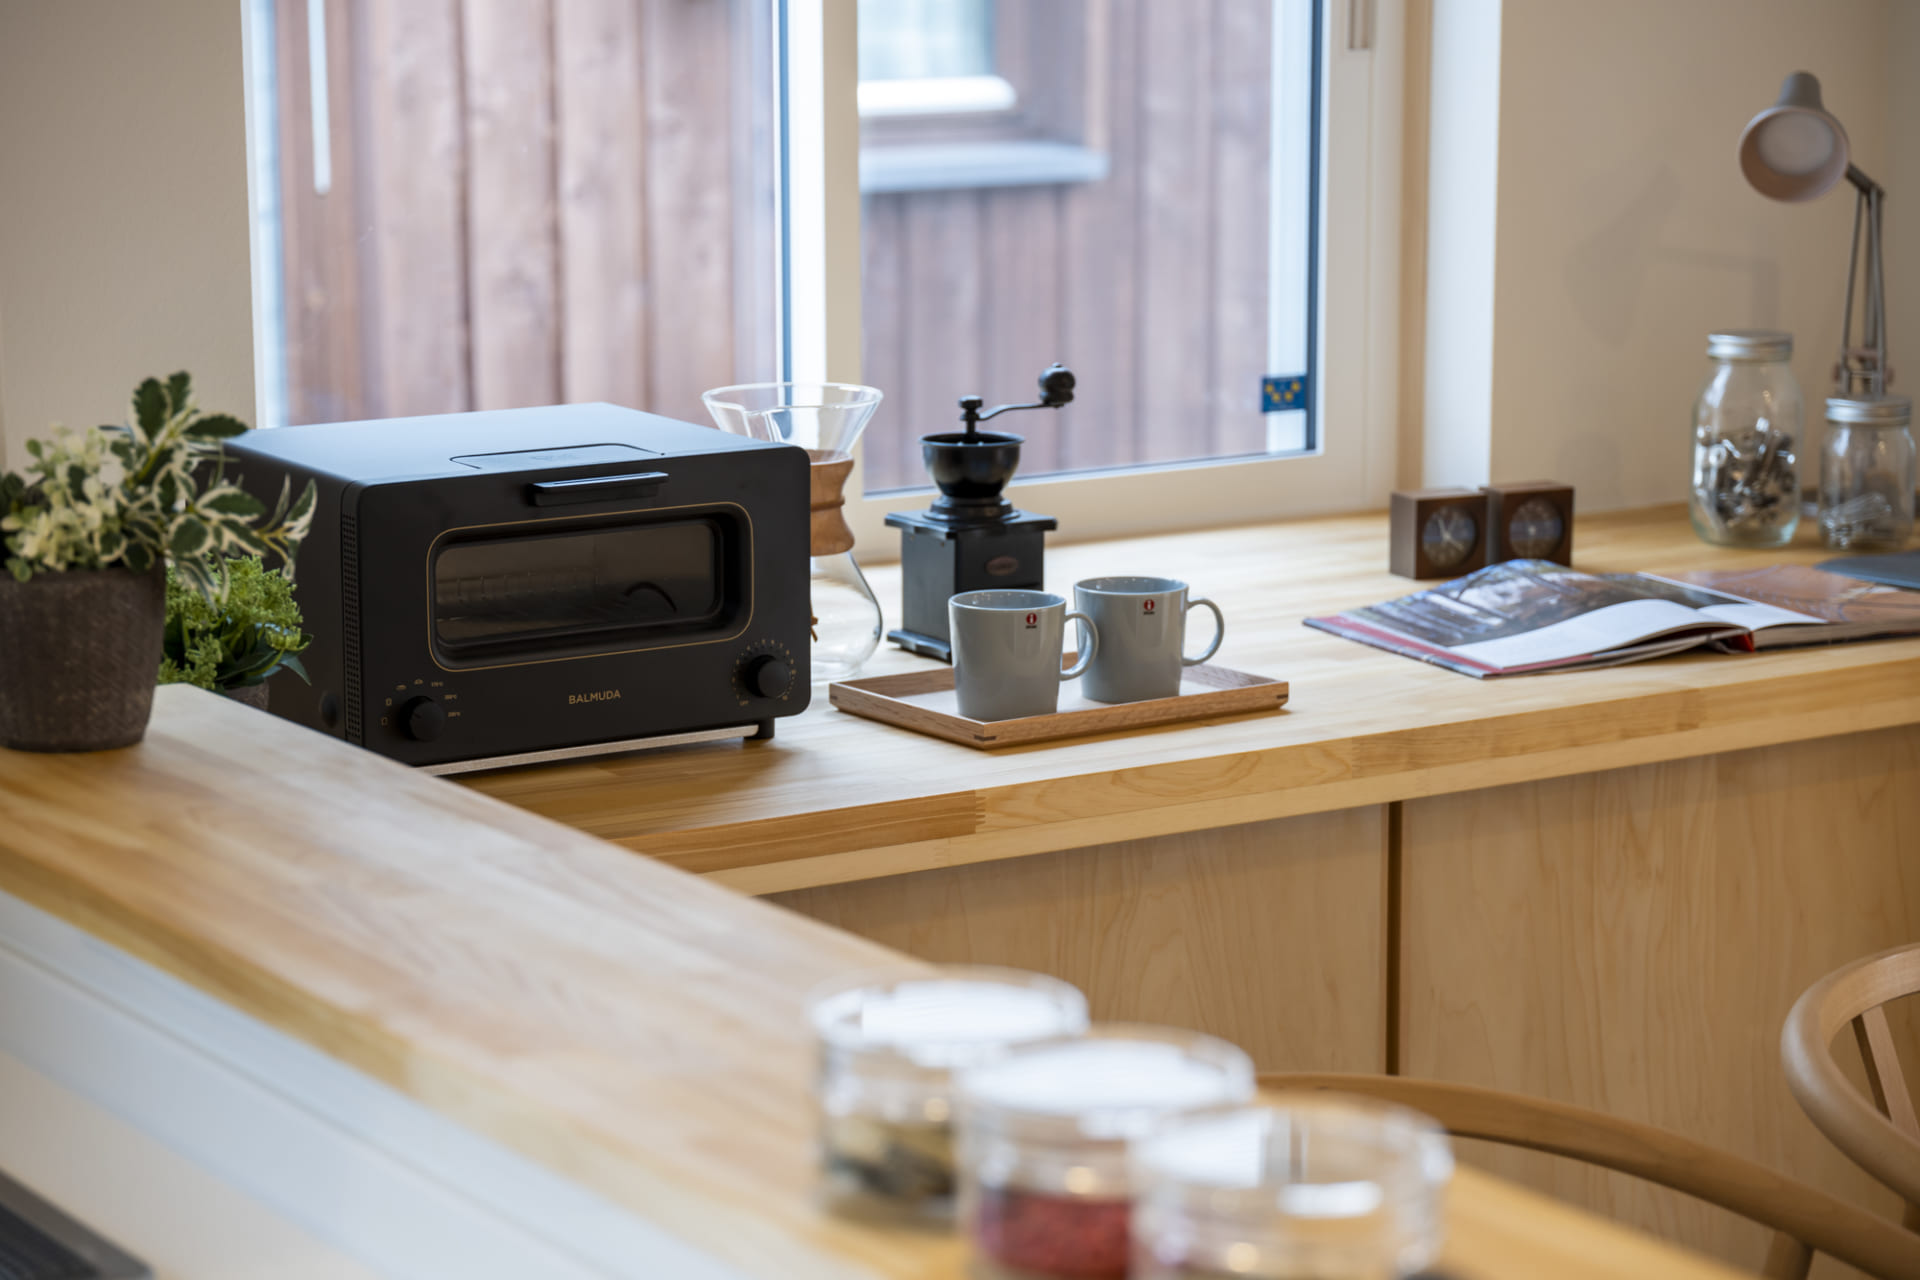 トースターやコーヒーメーカーの乗った木製の棚